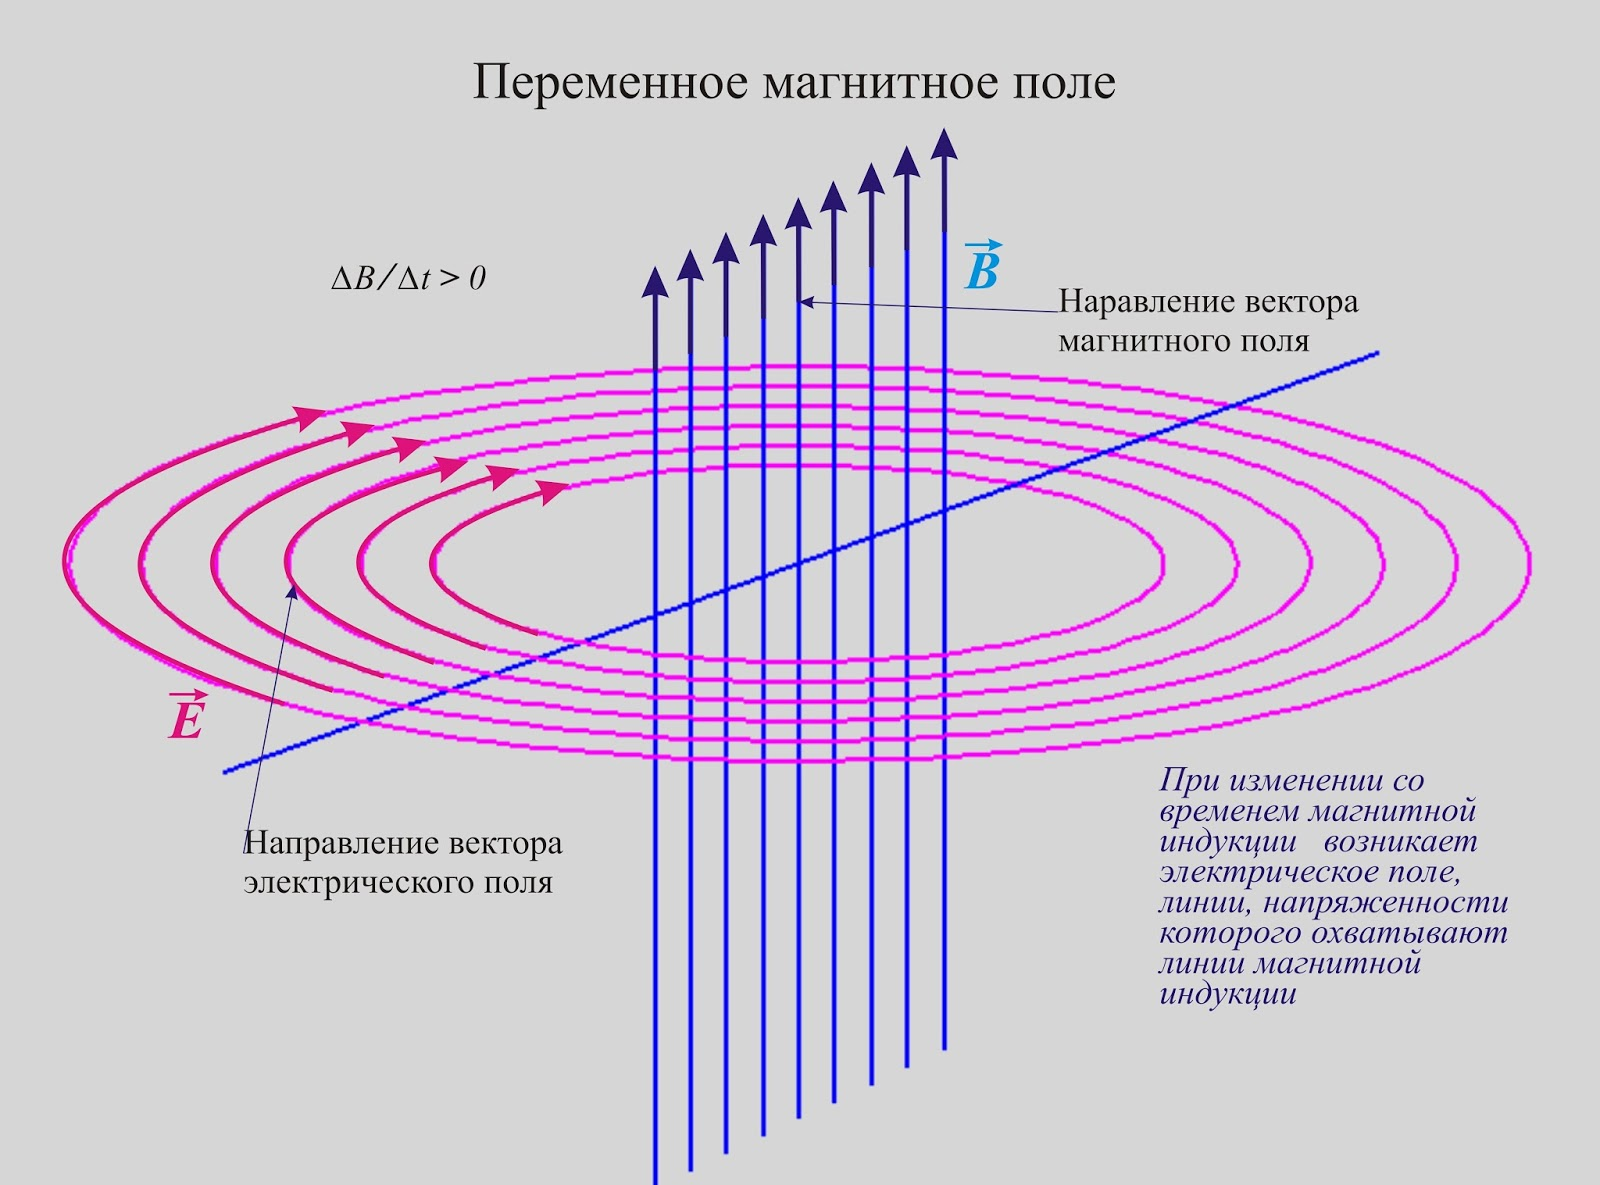 Переменное магнитное поле.